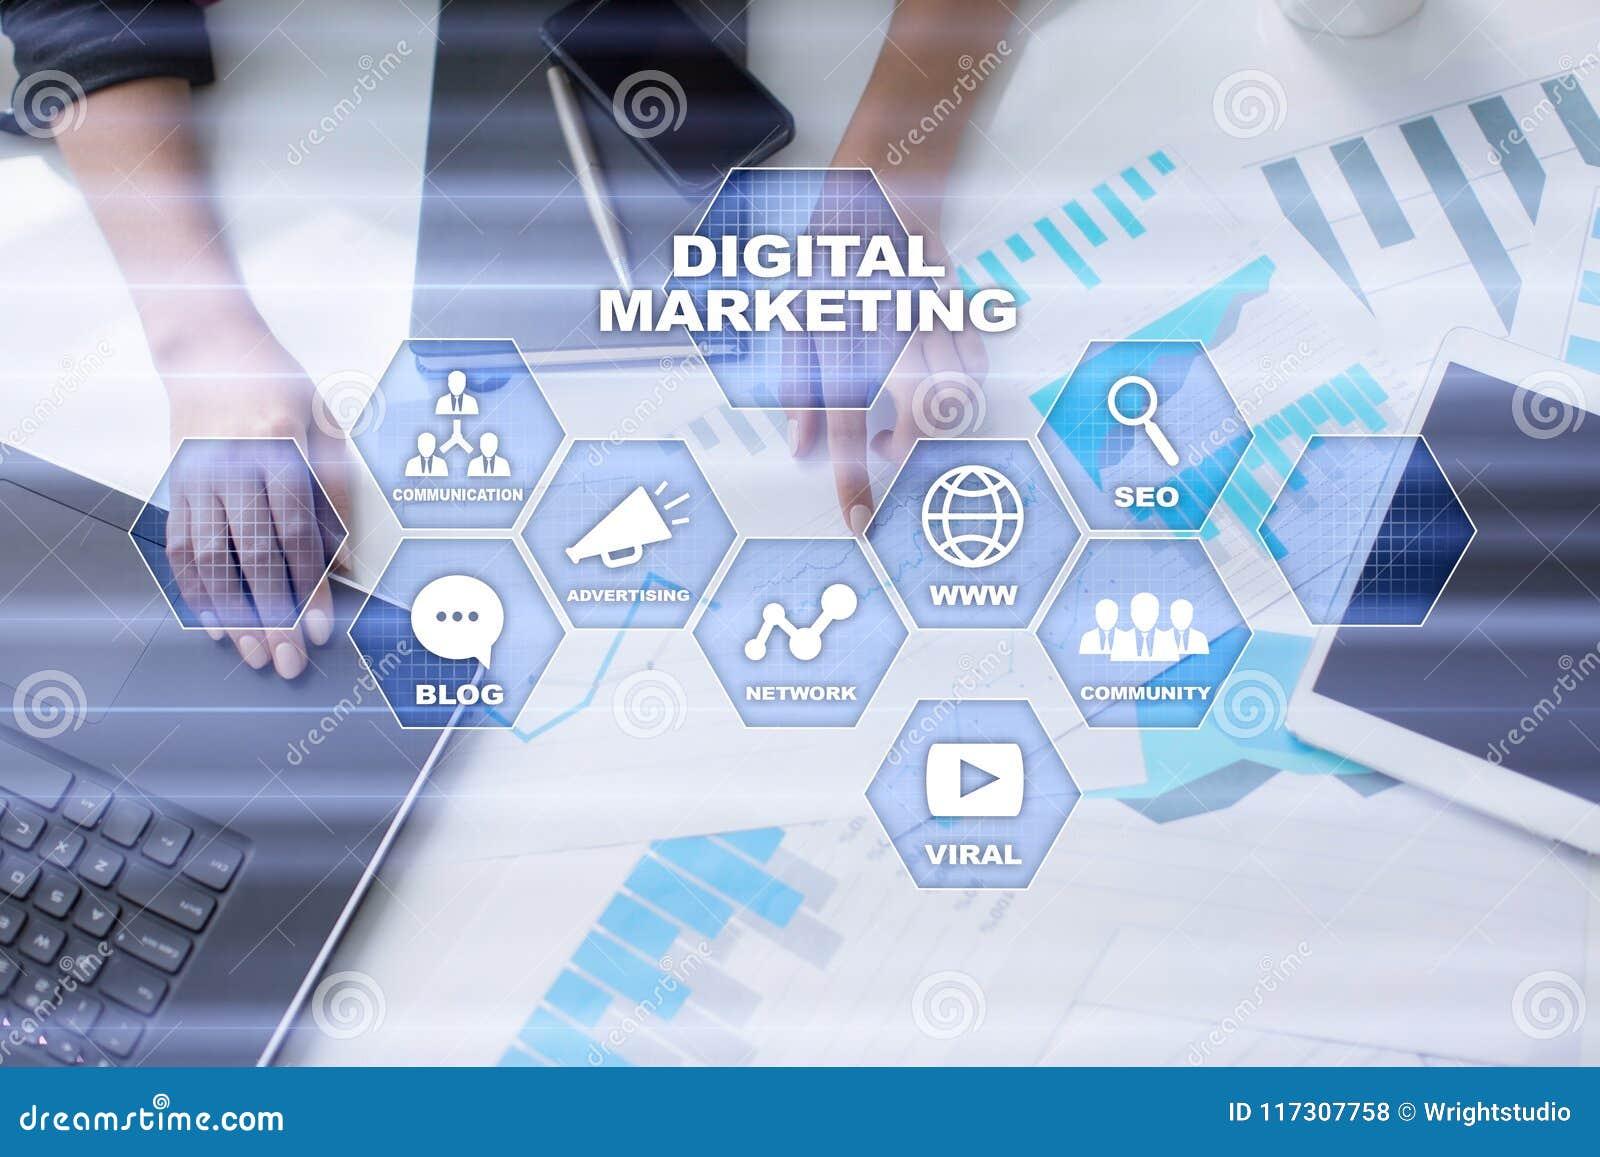 Digital-Marketing-Technologiekonzept Internet Online Suchmaschinen-Optimierung SEO SMM bekanntmachen